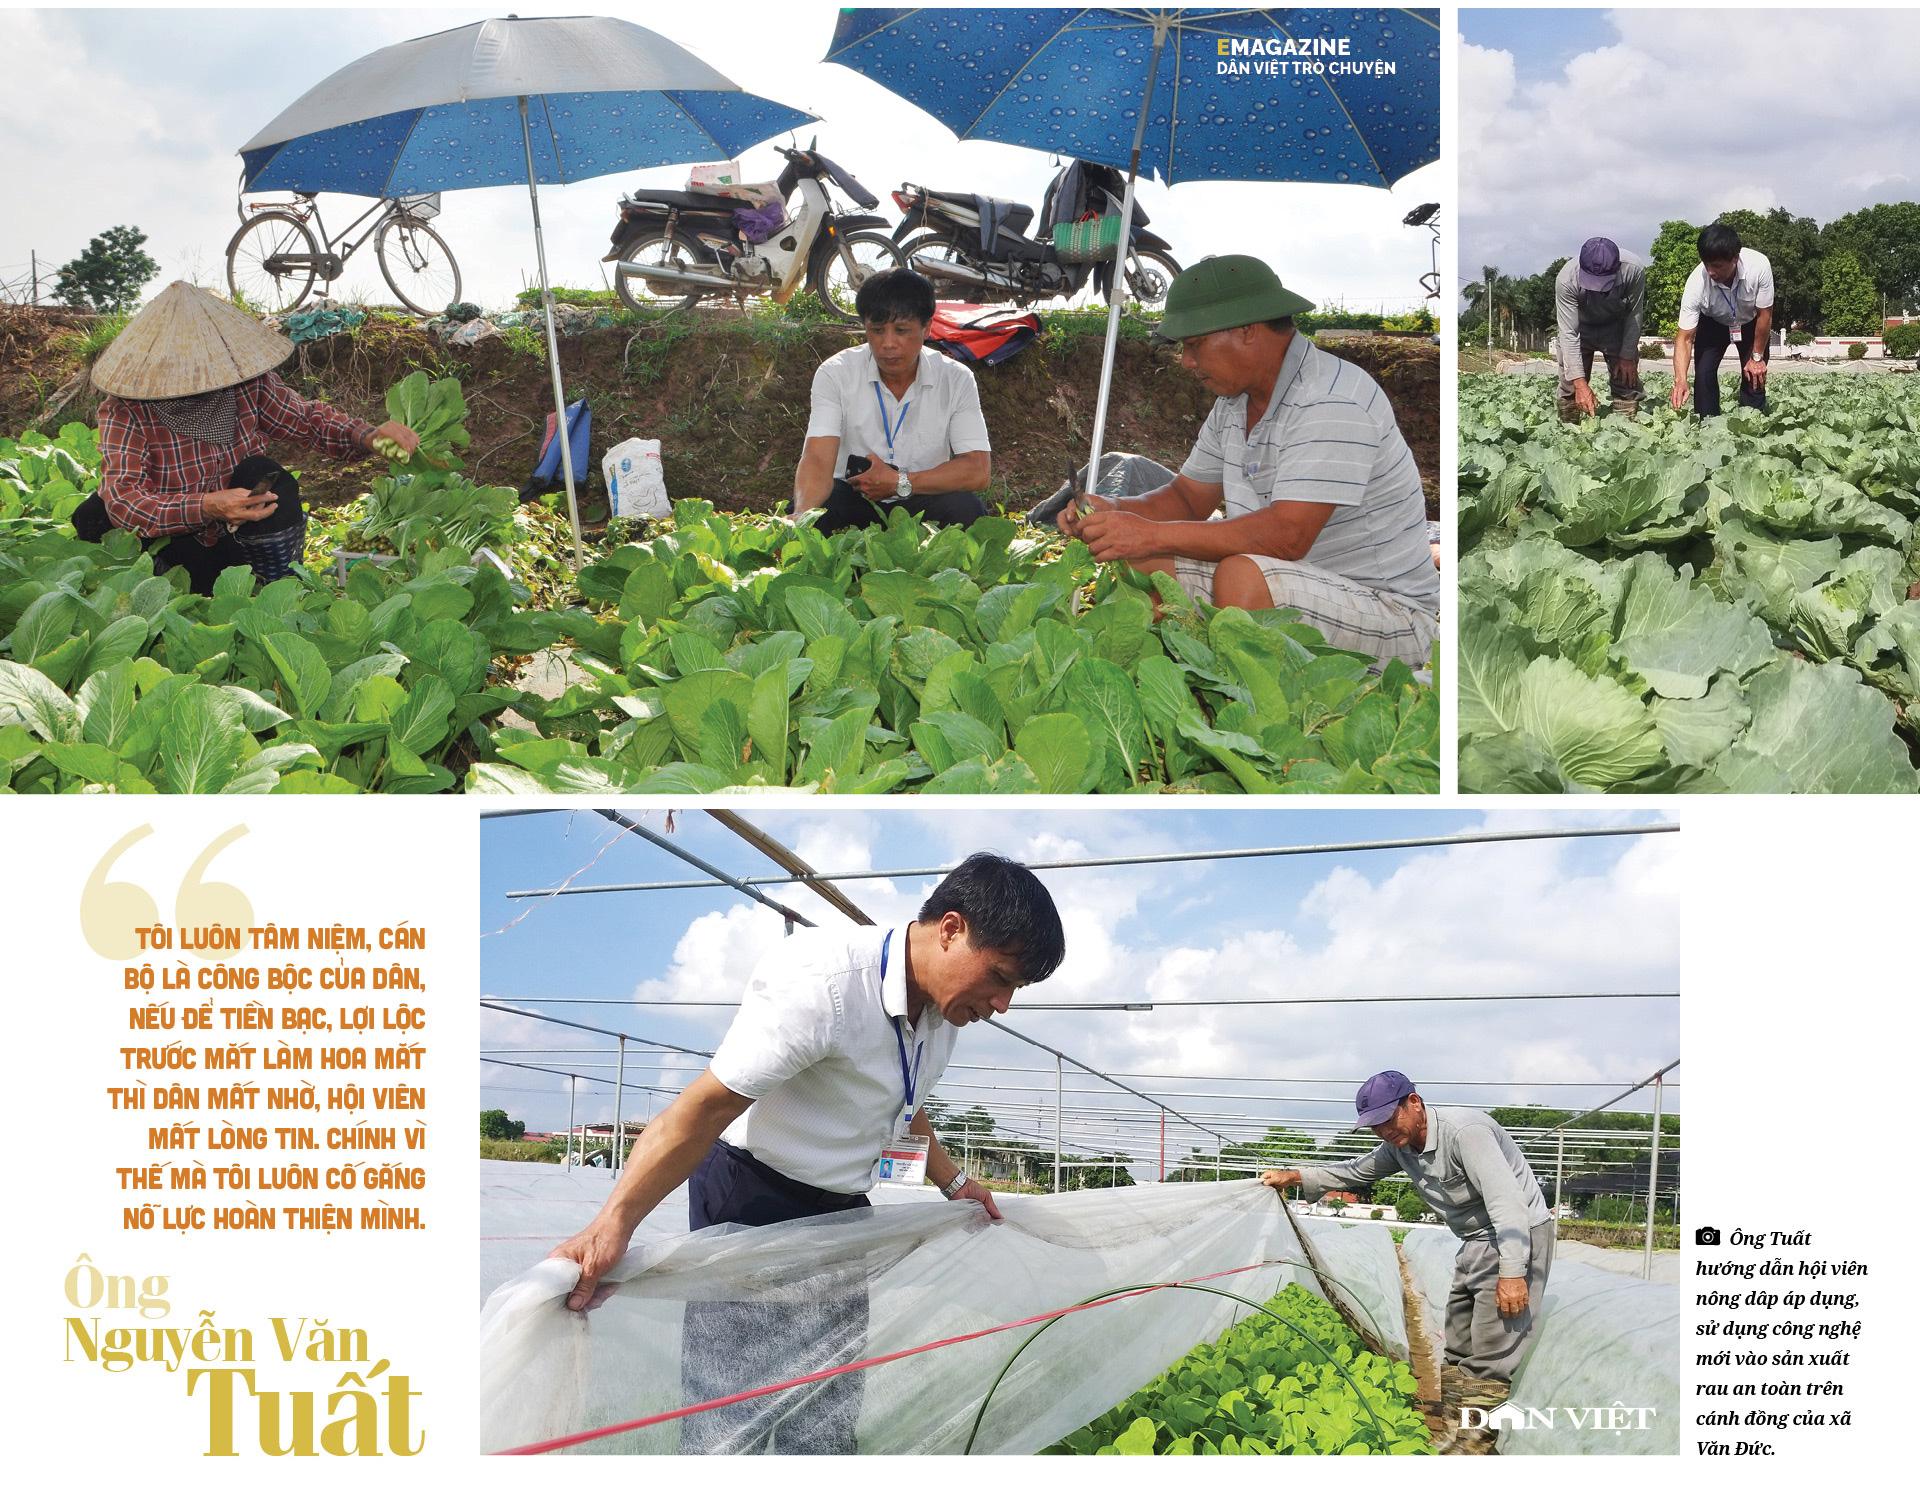 """Nguyễn Văn Tuất - """"thủ lĩnh"""" nông dân giỏi với biệt tài chăn nuôi 10 tỷ đồng/năm - Ảnh 11."""